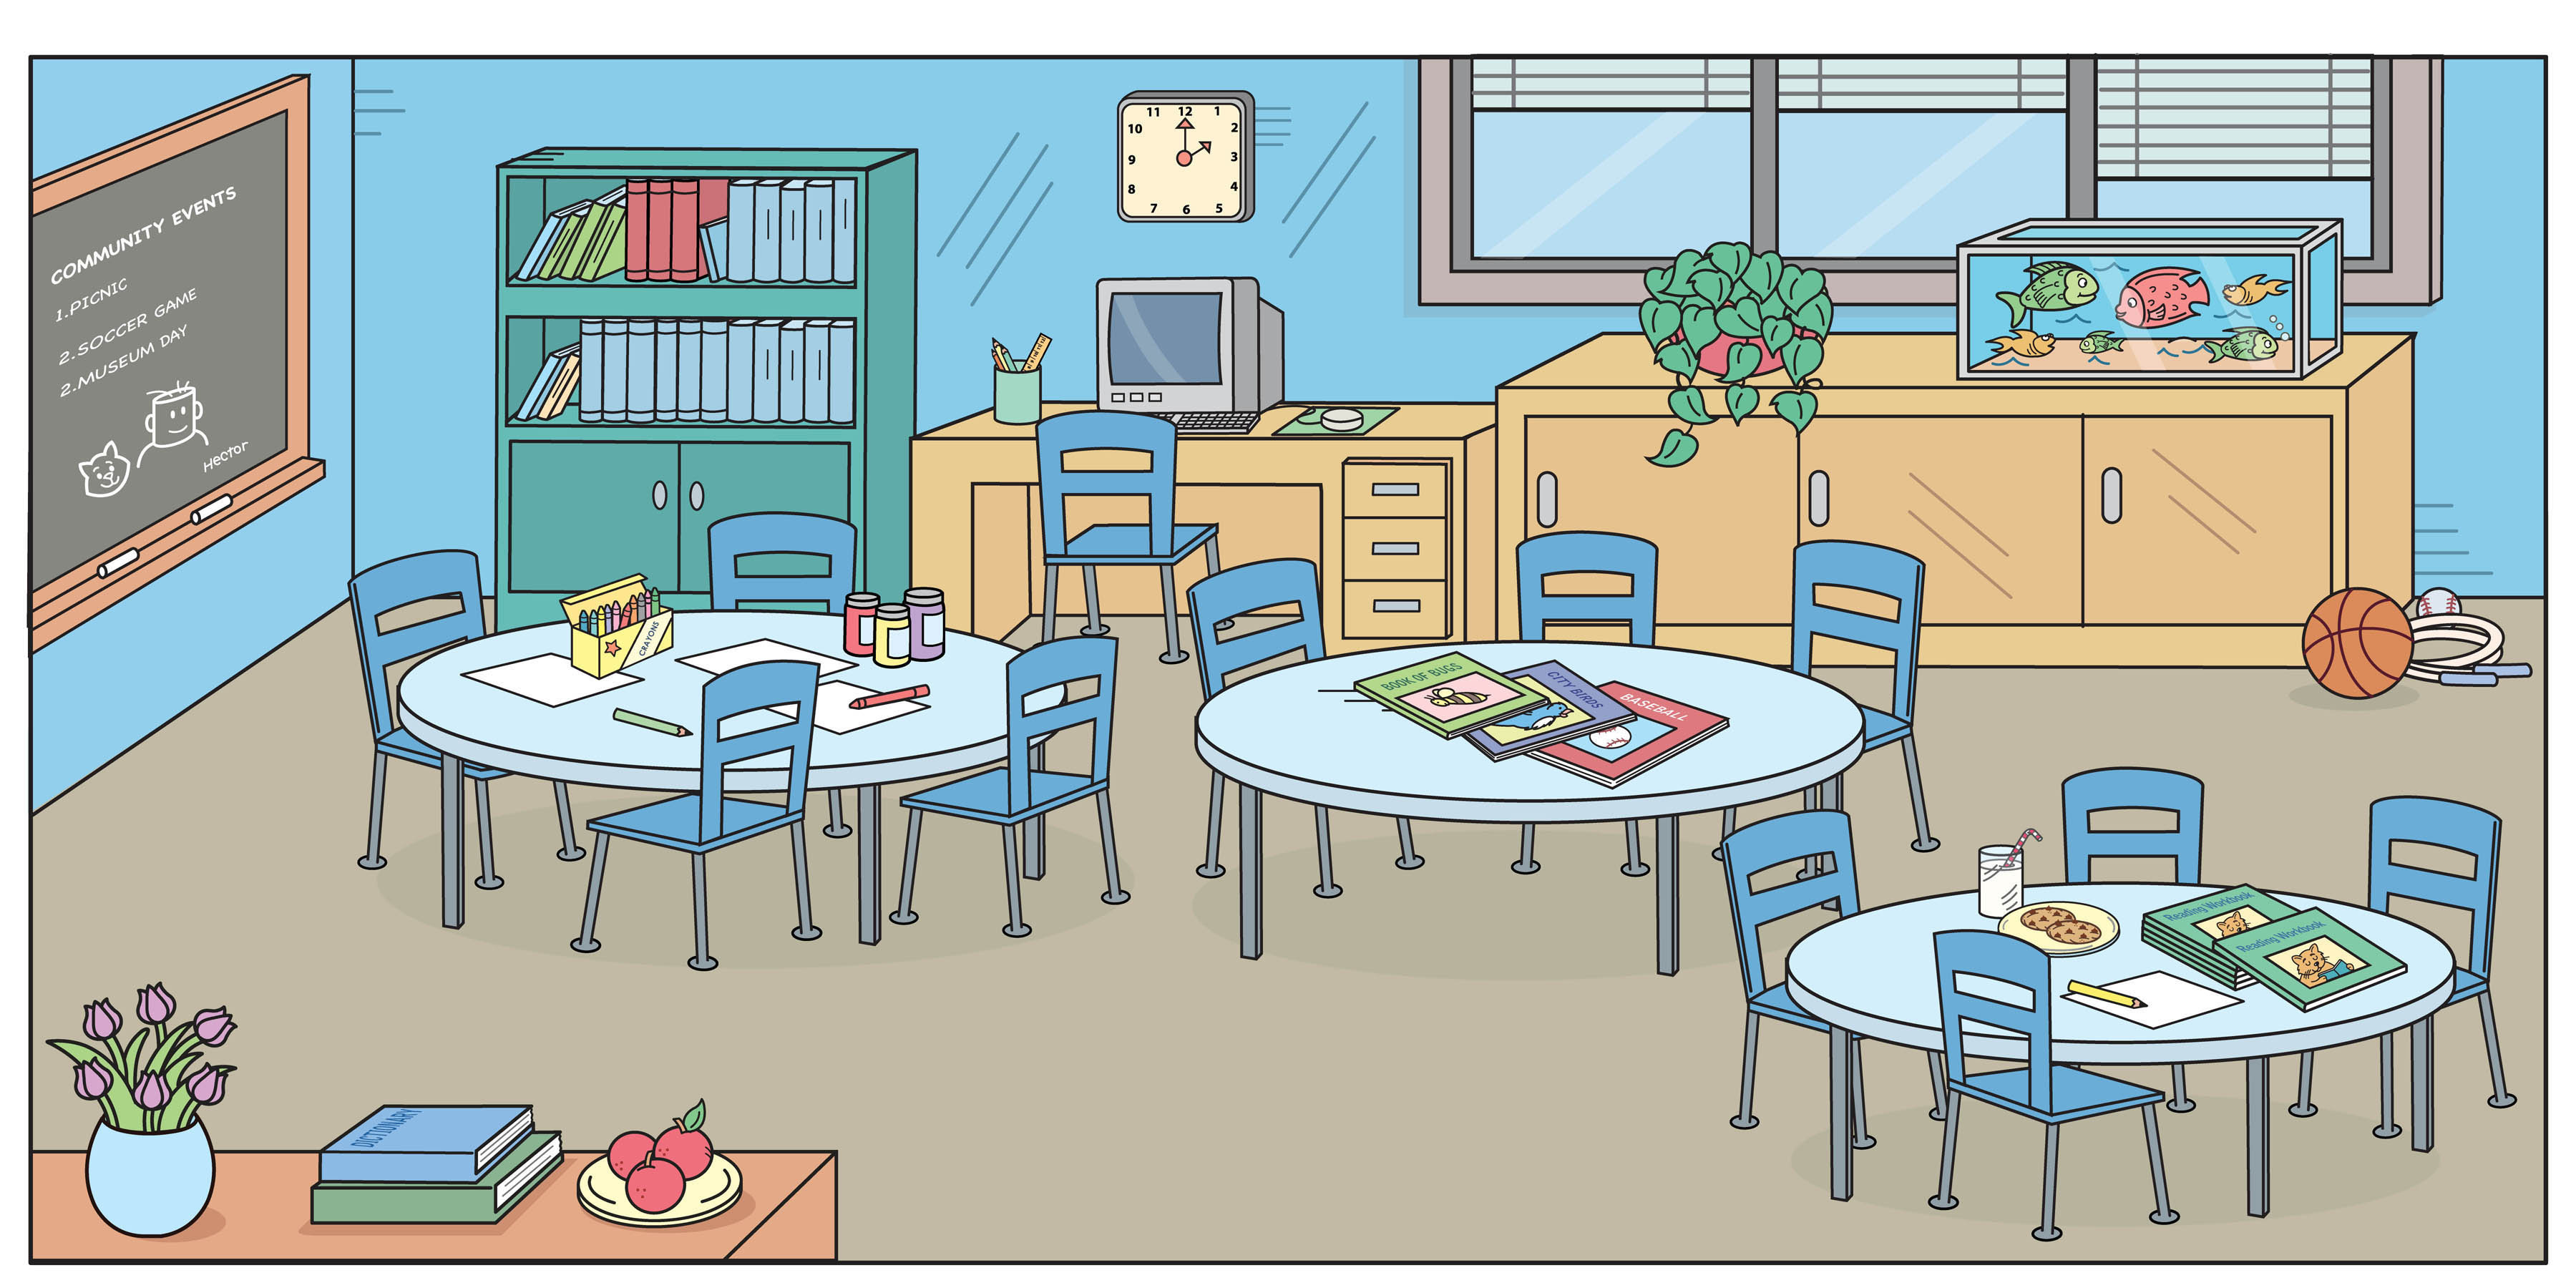 Classroom clipart 2-Classroom clipart 2-0